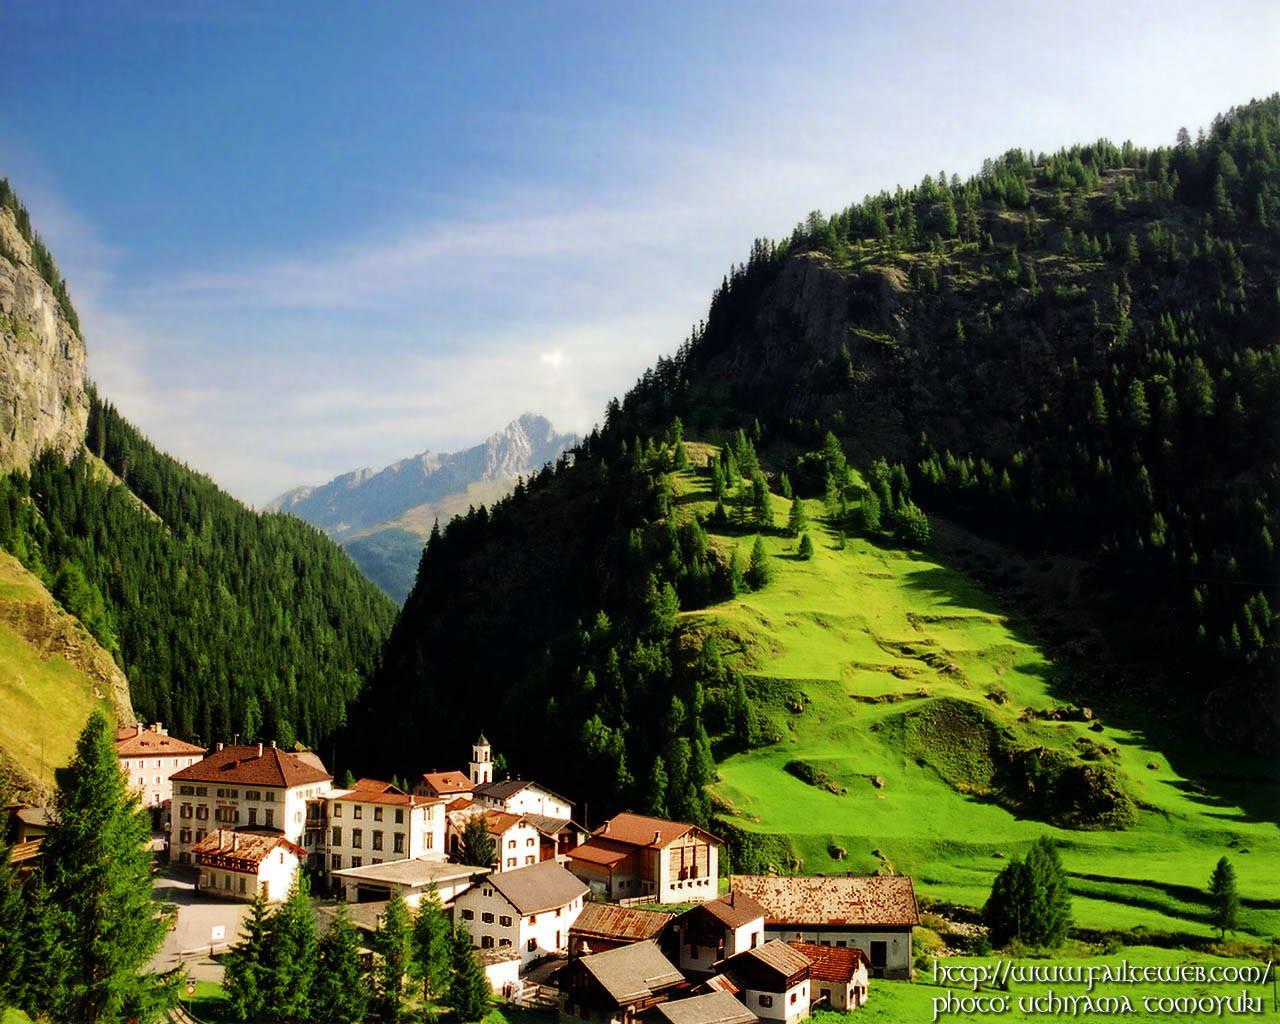 壁纸1280×1024阿尔卑斯山壁纸,阿尔卑斯山壁纸图片-风景壁纸-风景图片素材-桌面壁纸